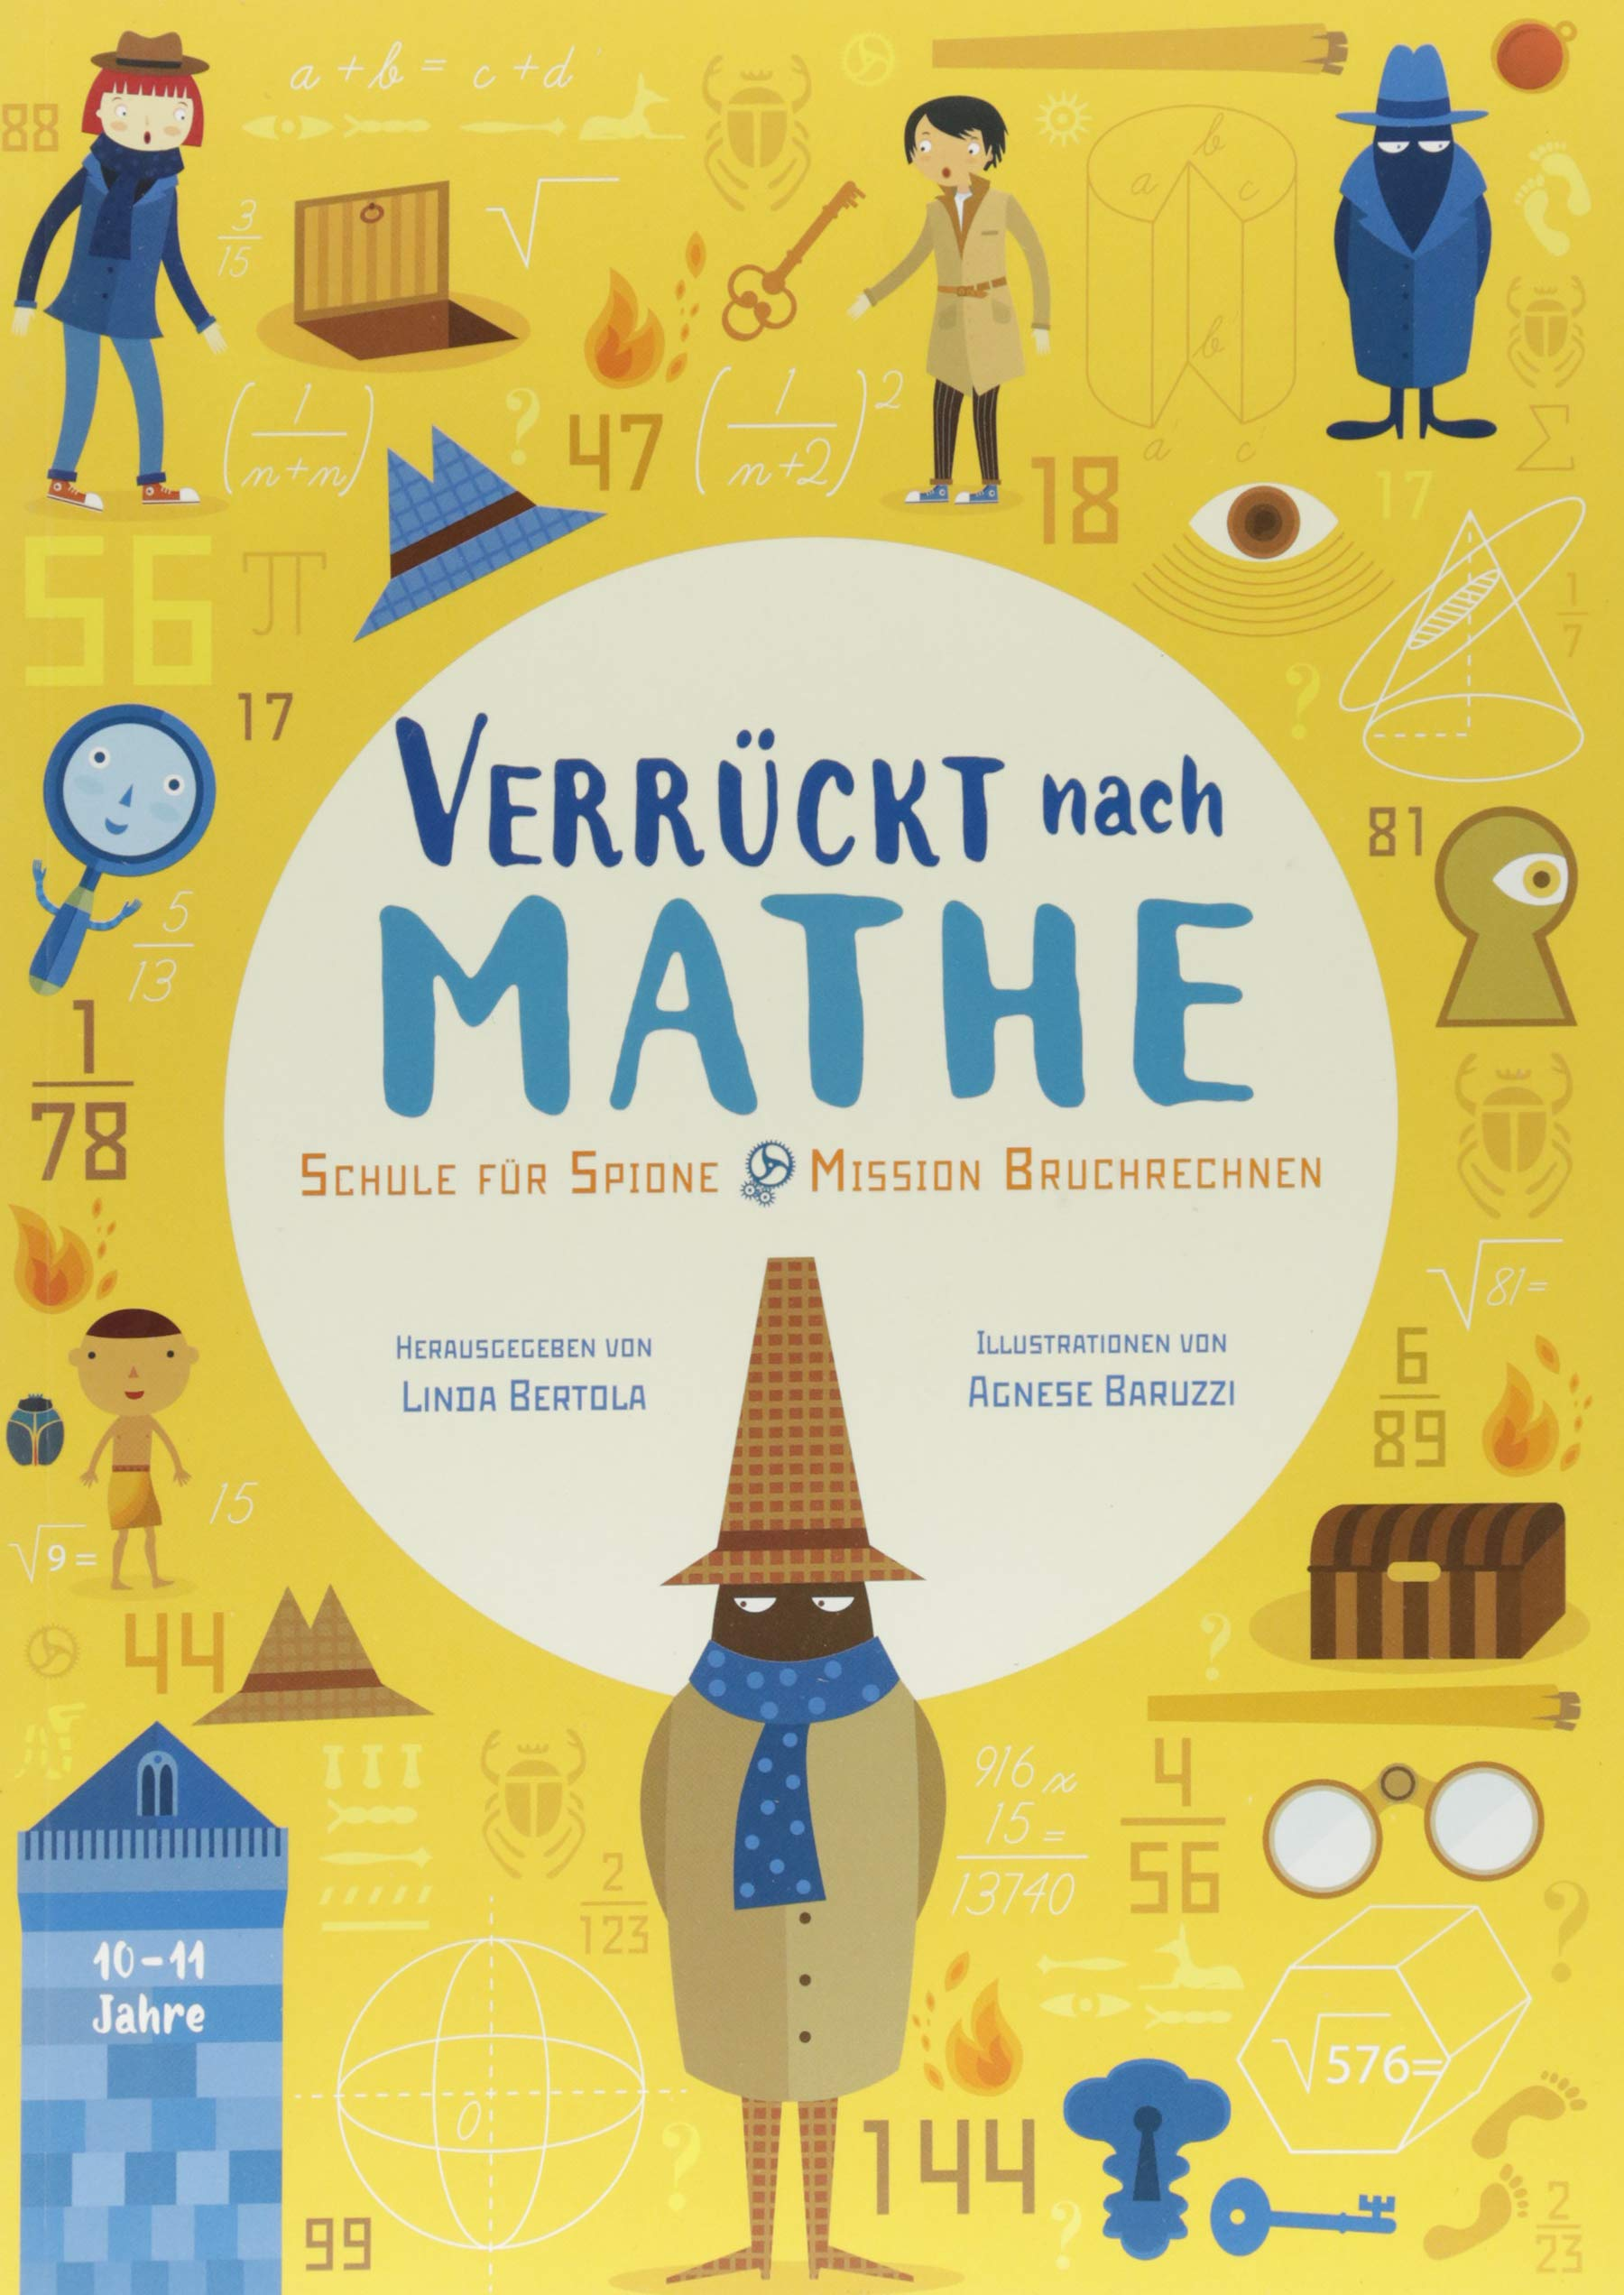 Schule für Spione. Mission Bruchrechnen: Verrückt nach Mathe. Mathe ...